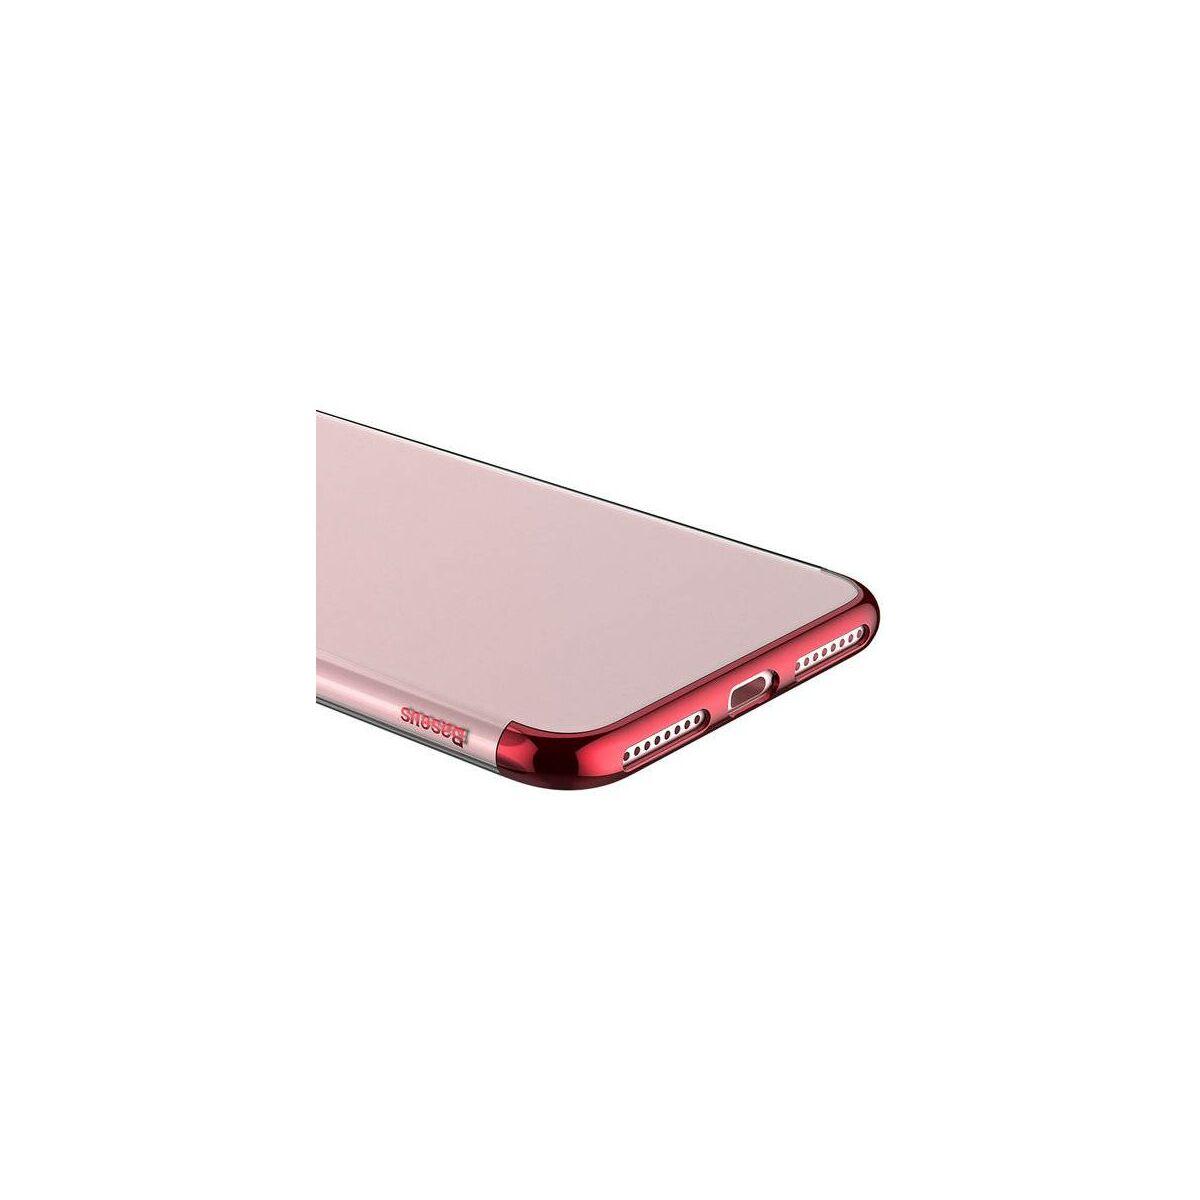 Baseus iPhone 8/7 Plus tok, Glitter, piros (WIAPIPH7P-DW09)